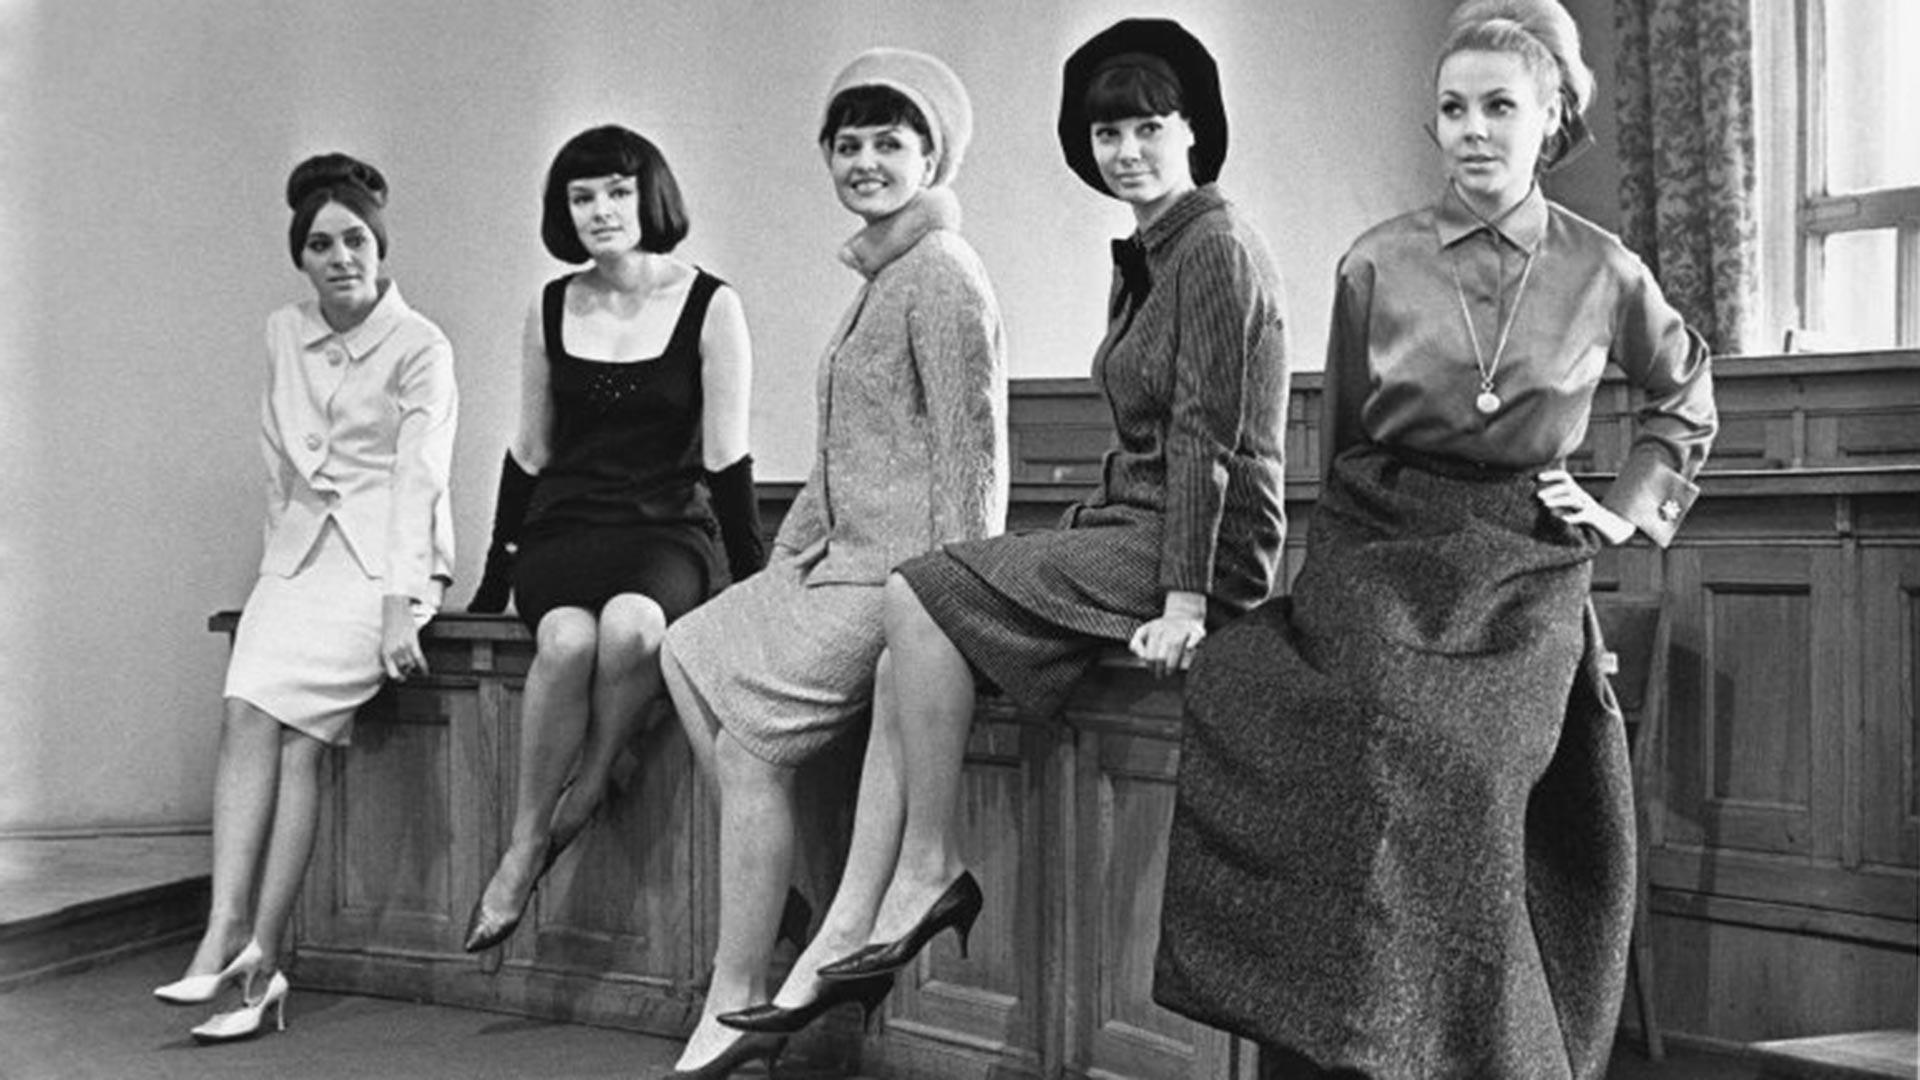 Casa dei Modelli di tutta l'Unione. Nella foto le modelle Natalja Kondrashina, Elena Izorgina, Liliana Baskakova, Regina Zbarskaja e Mila Romanovskaja, 1965